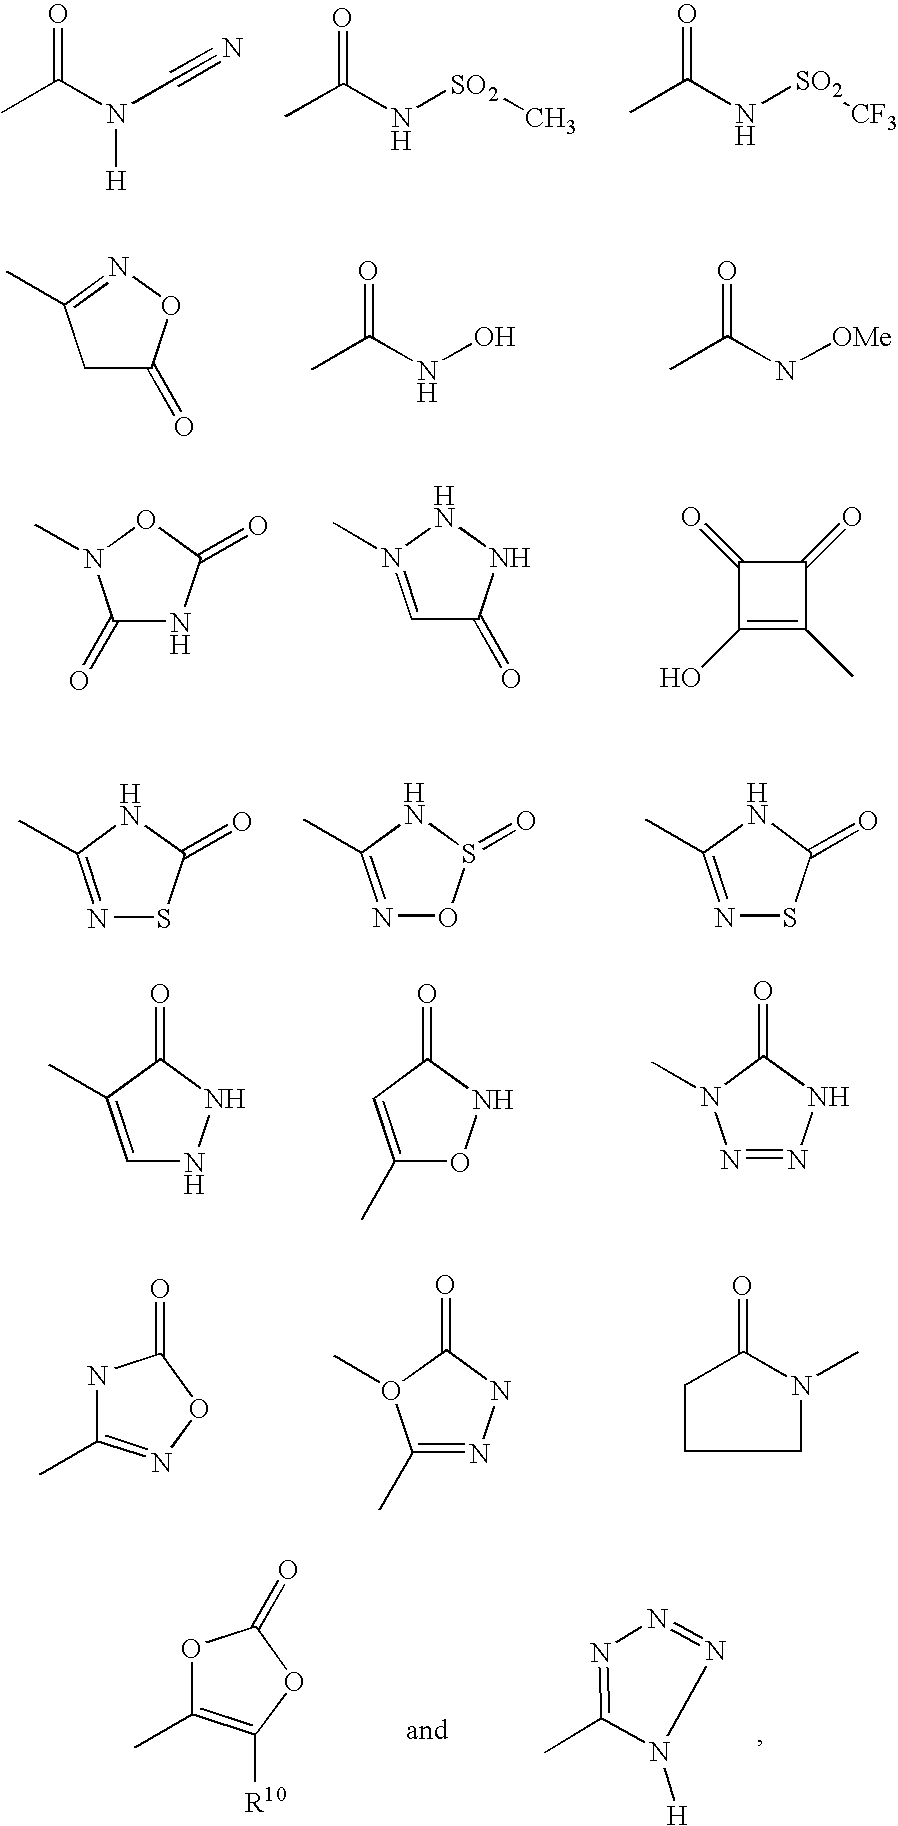 Figure US20050009827A1-20050113-C00004